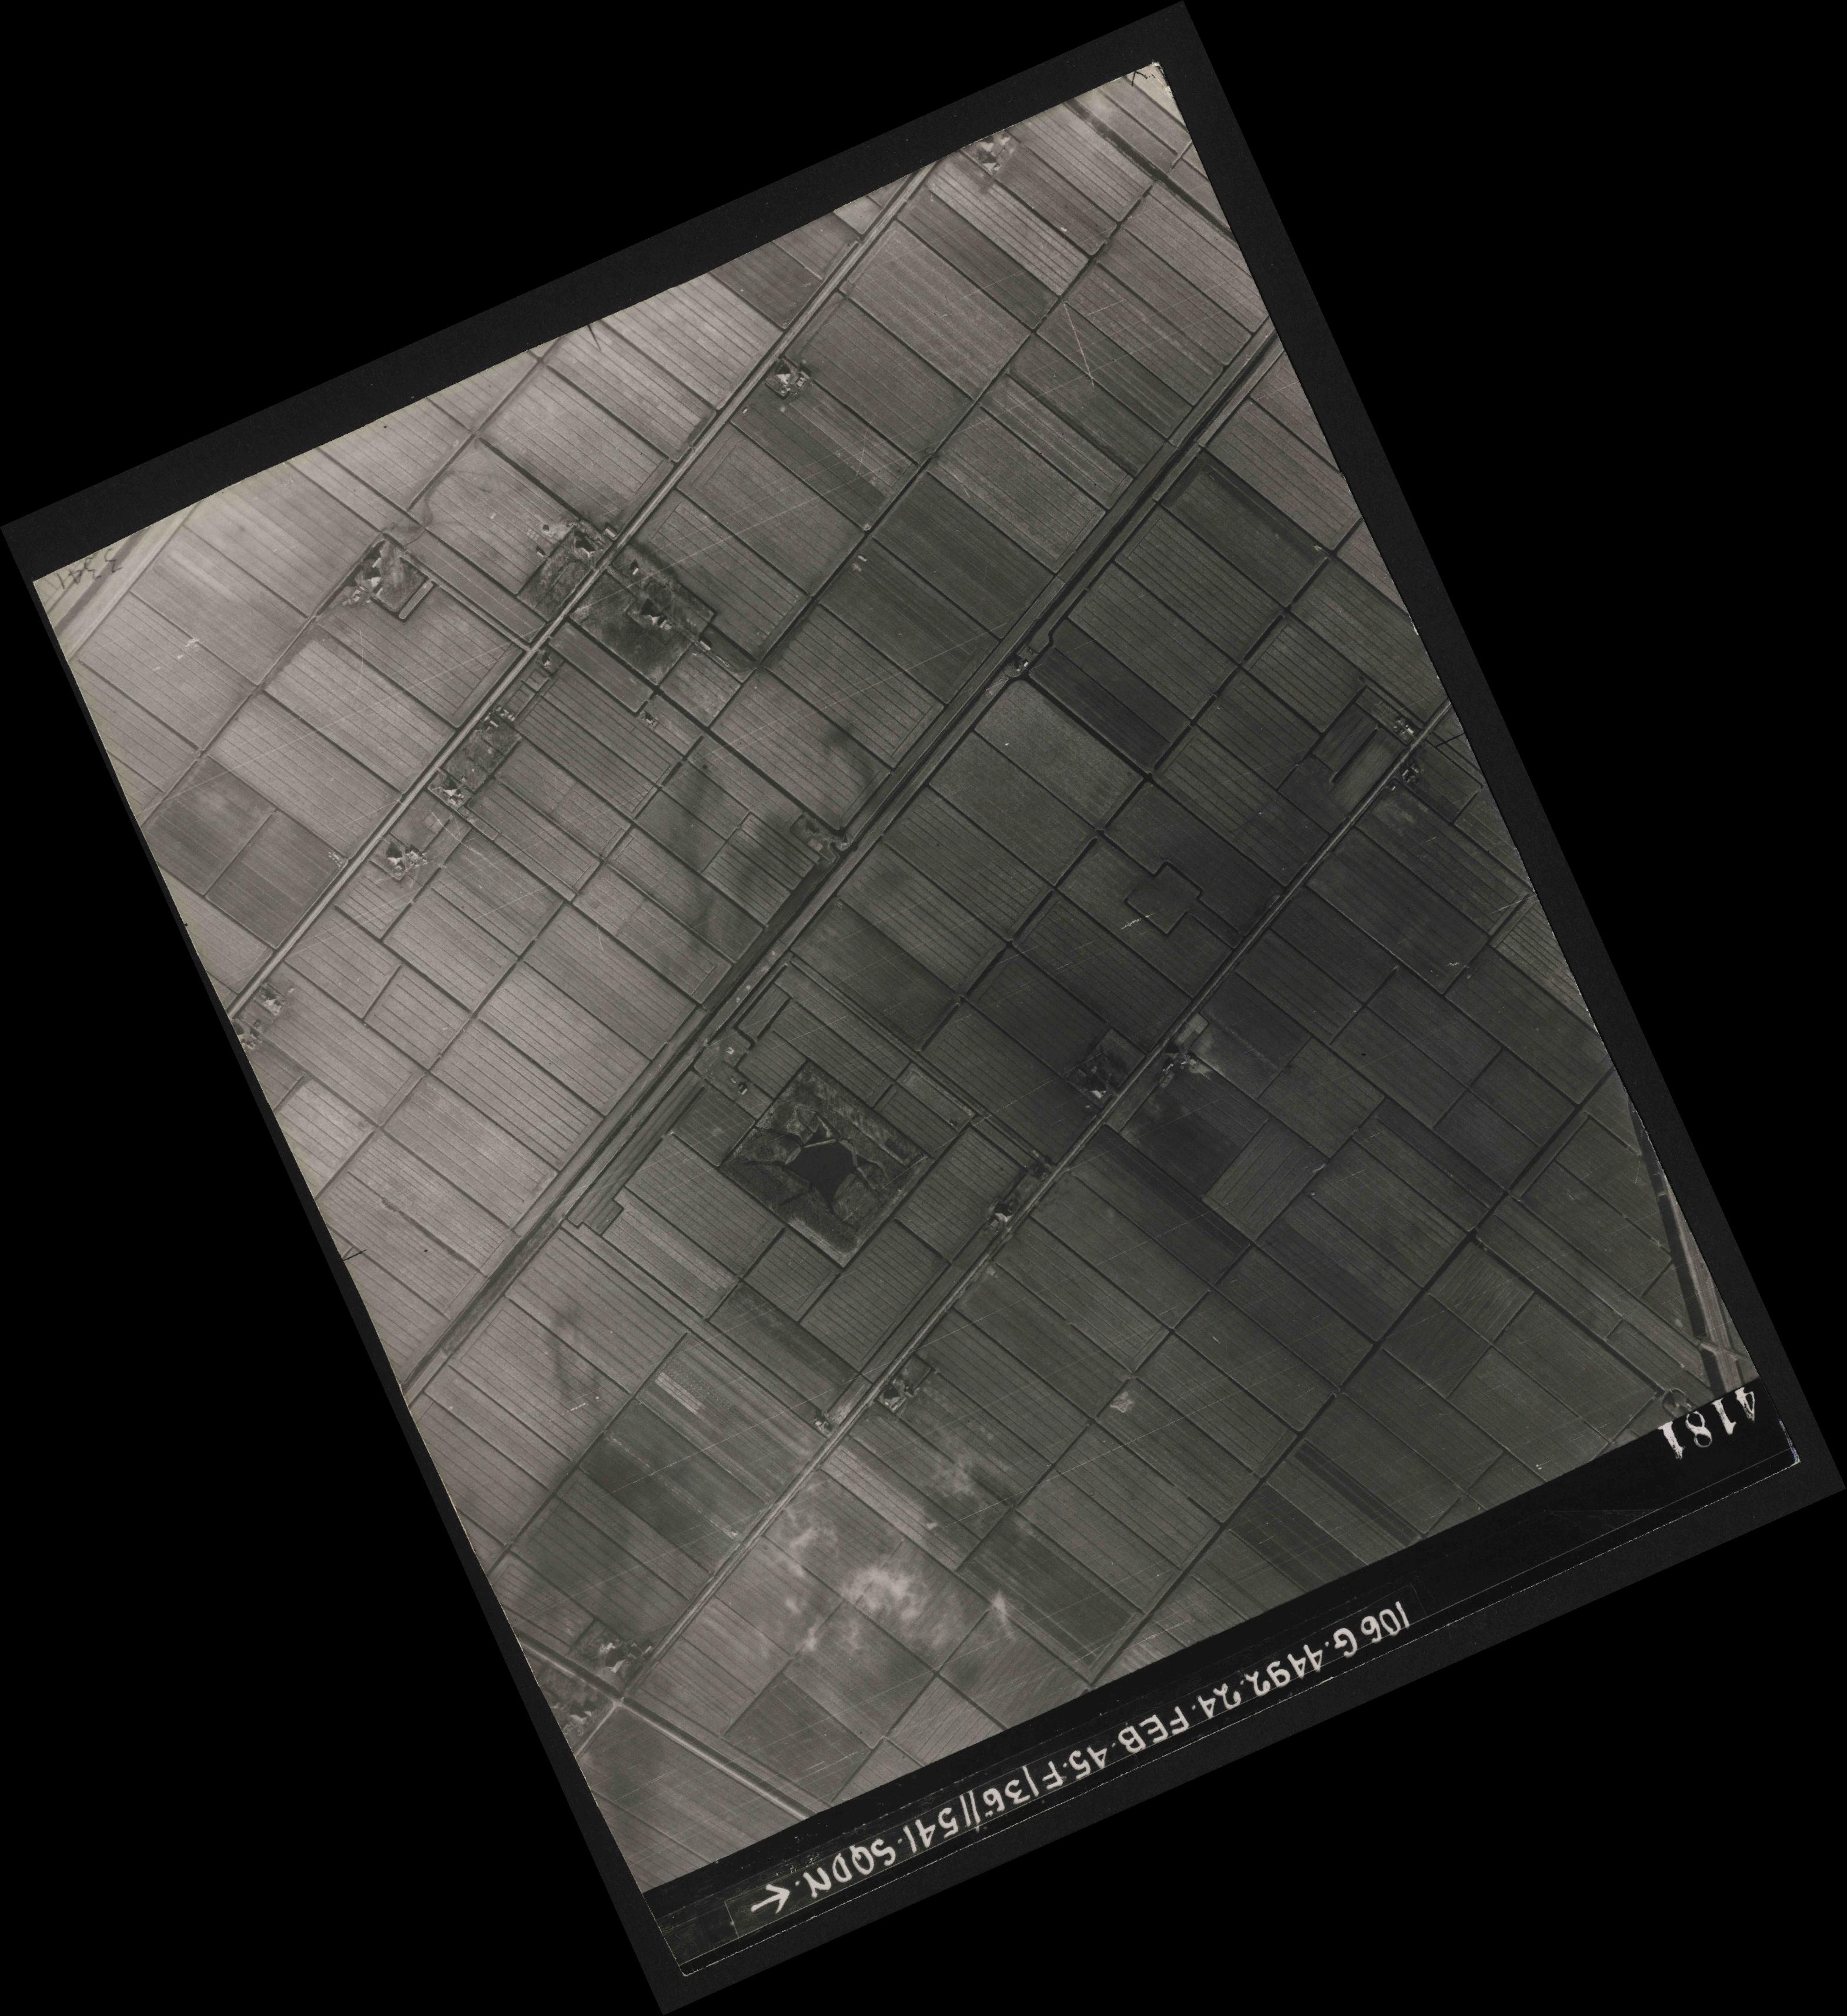 Collection RAF aerial photos 1940-1945 - flight 112, run 14, photo 4181